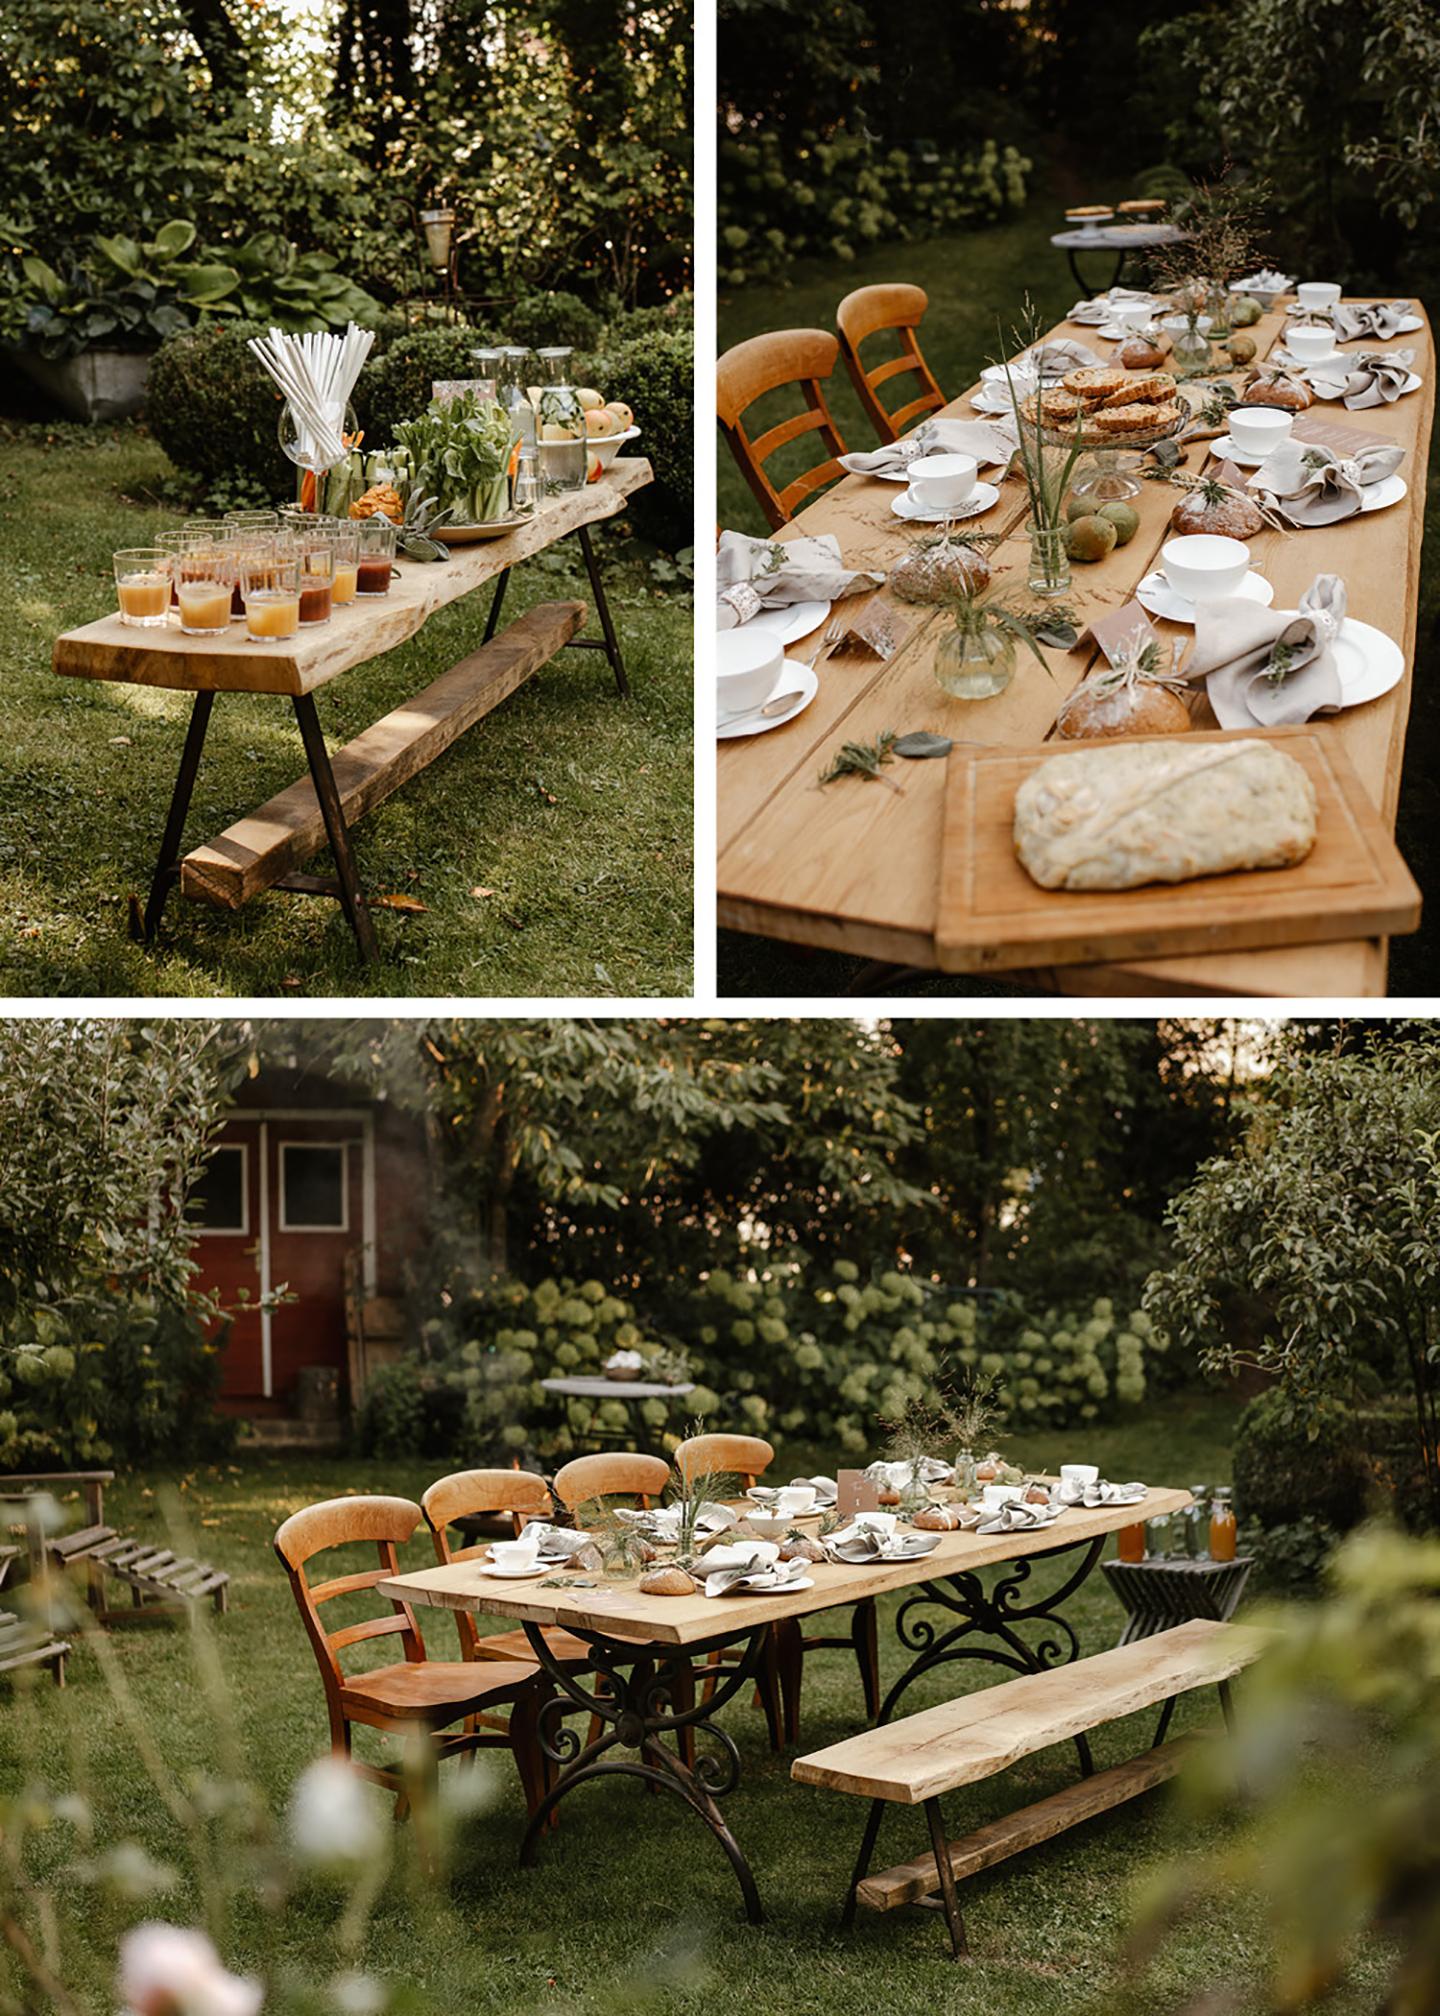 Zu sehen ist der Hochzeitstisch aus unterschiedlichen Perspektiven. Auf dem Tisch befindet sich für jeden Gast ein gedeckter Platz, minimalistische Deko in grün und Naturtönen sowie Tischpapeterie.